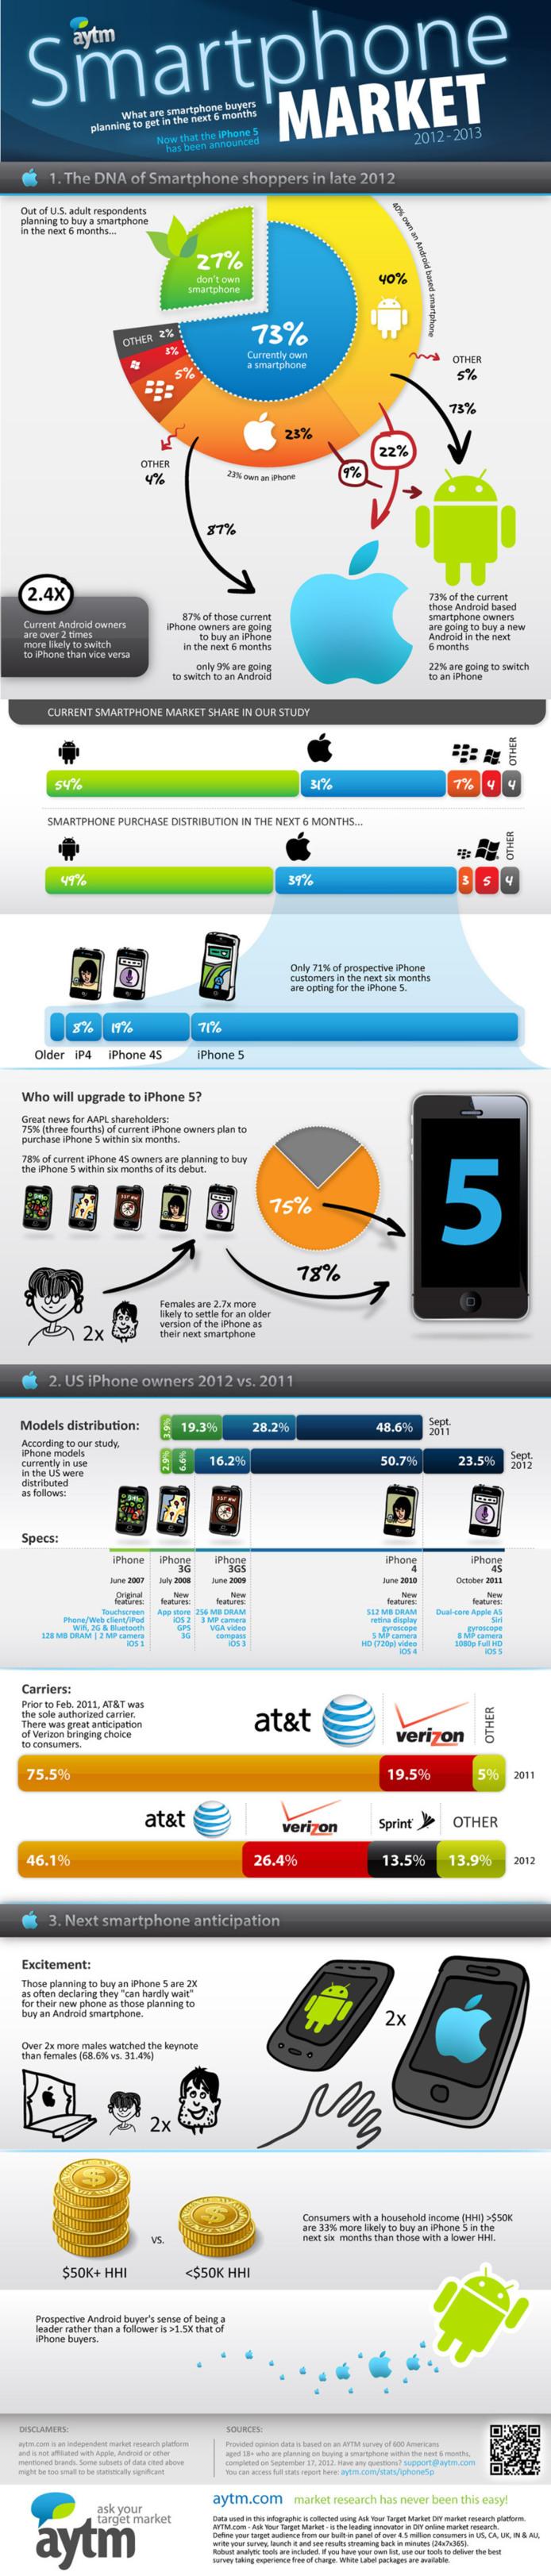 L'iPhone 5 peut il affecter le marché des smartphones? (en 1 image)